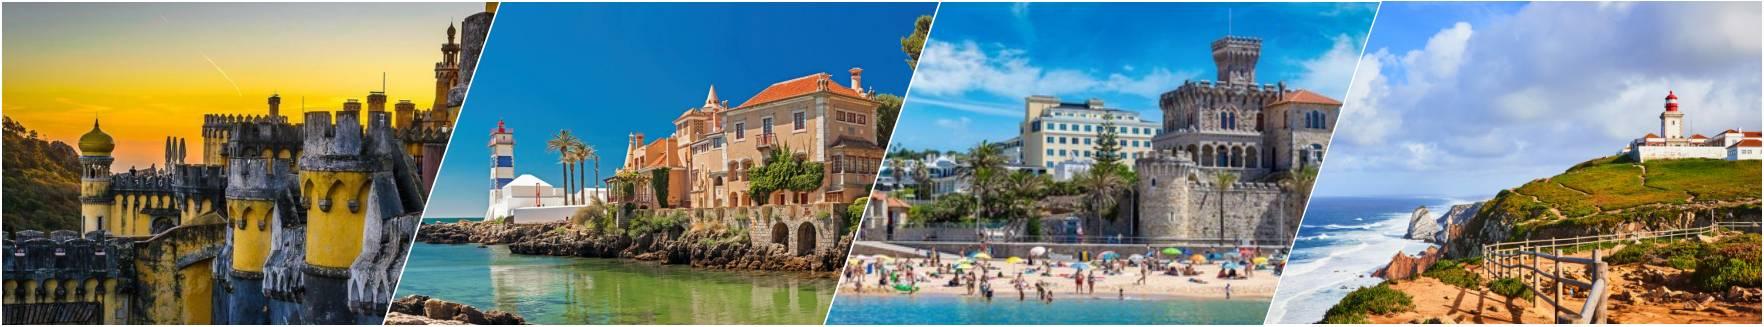 Sindra - Cascais - Estoril - Cabo da Roca